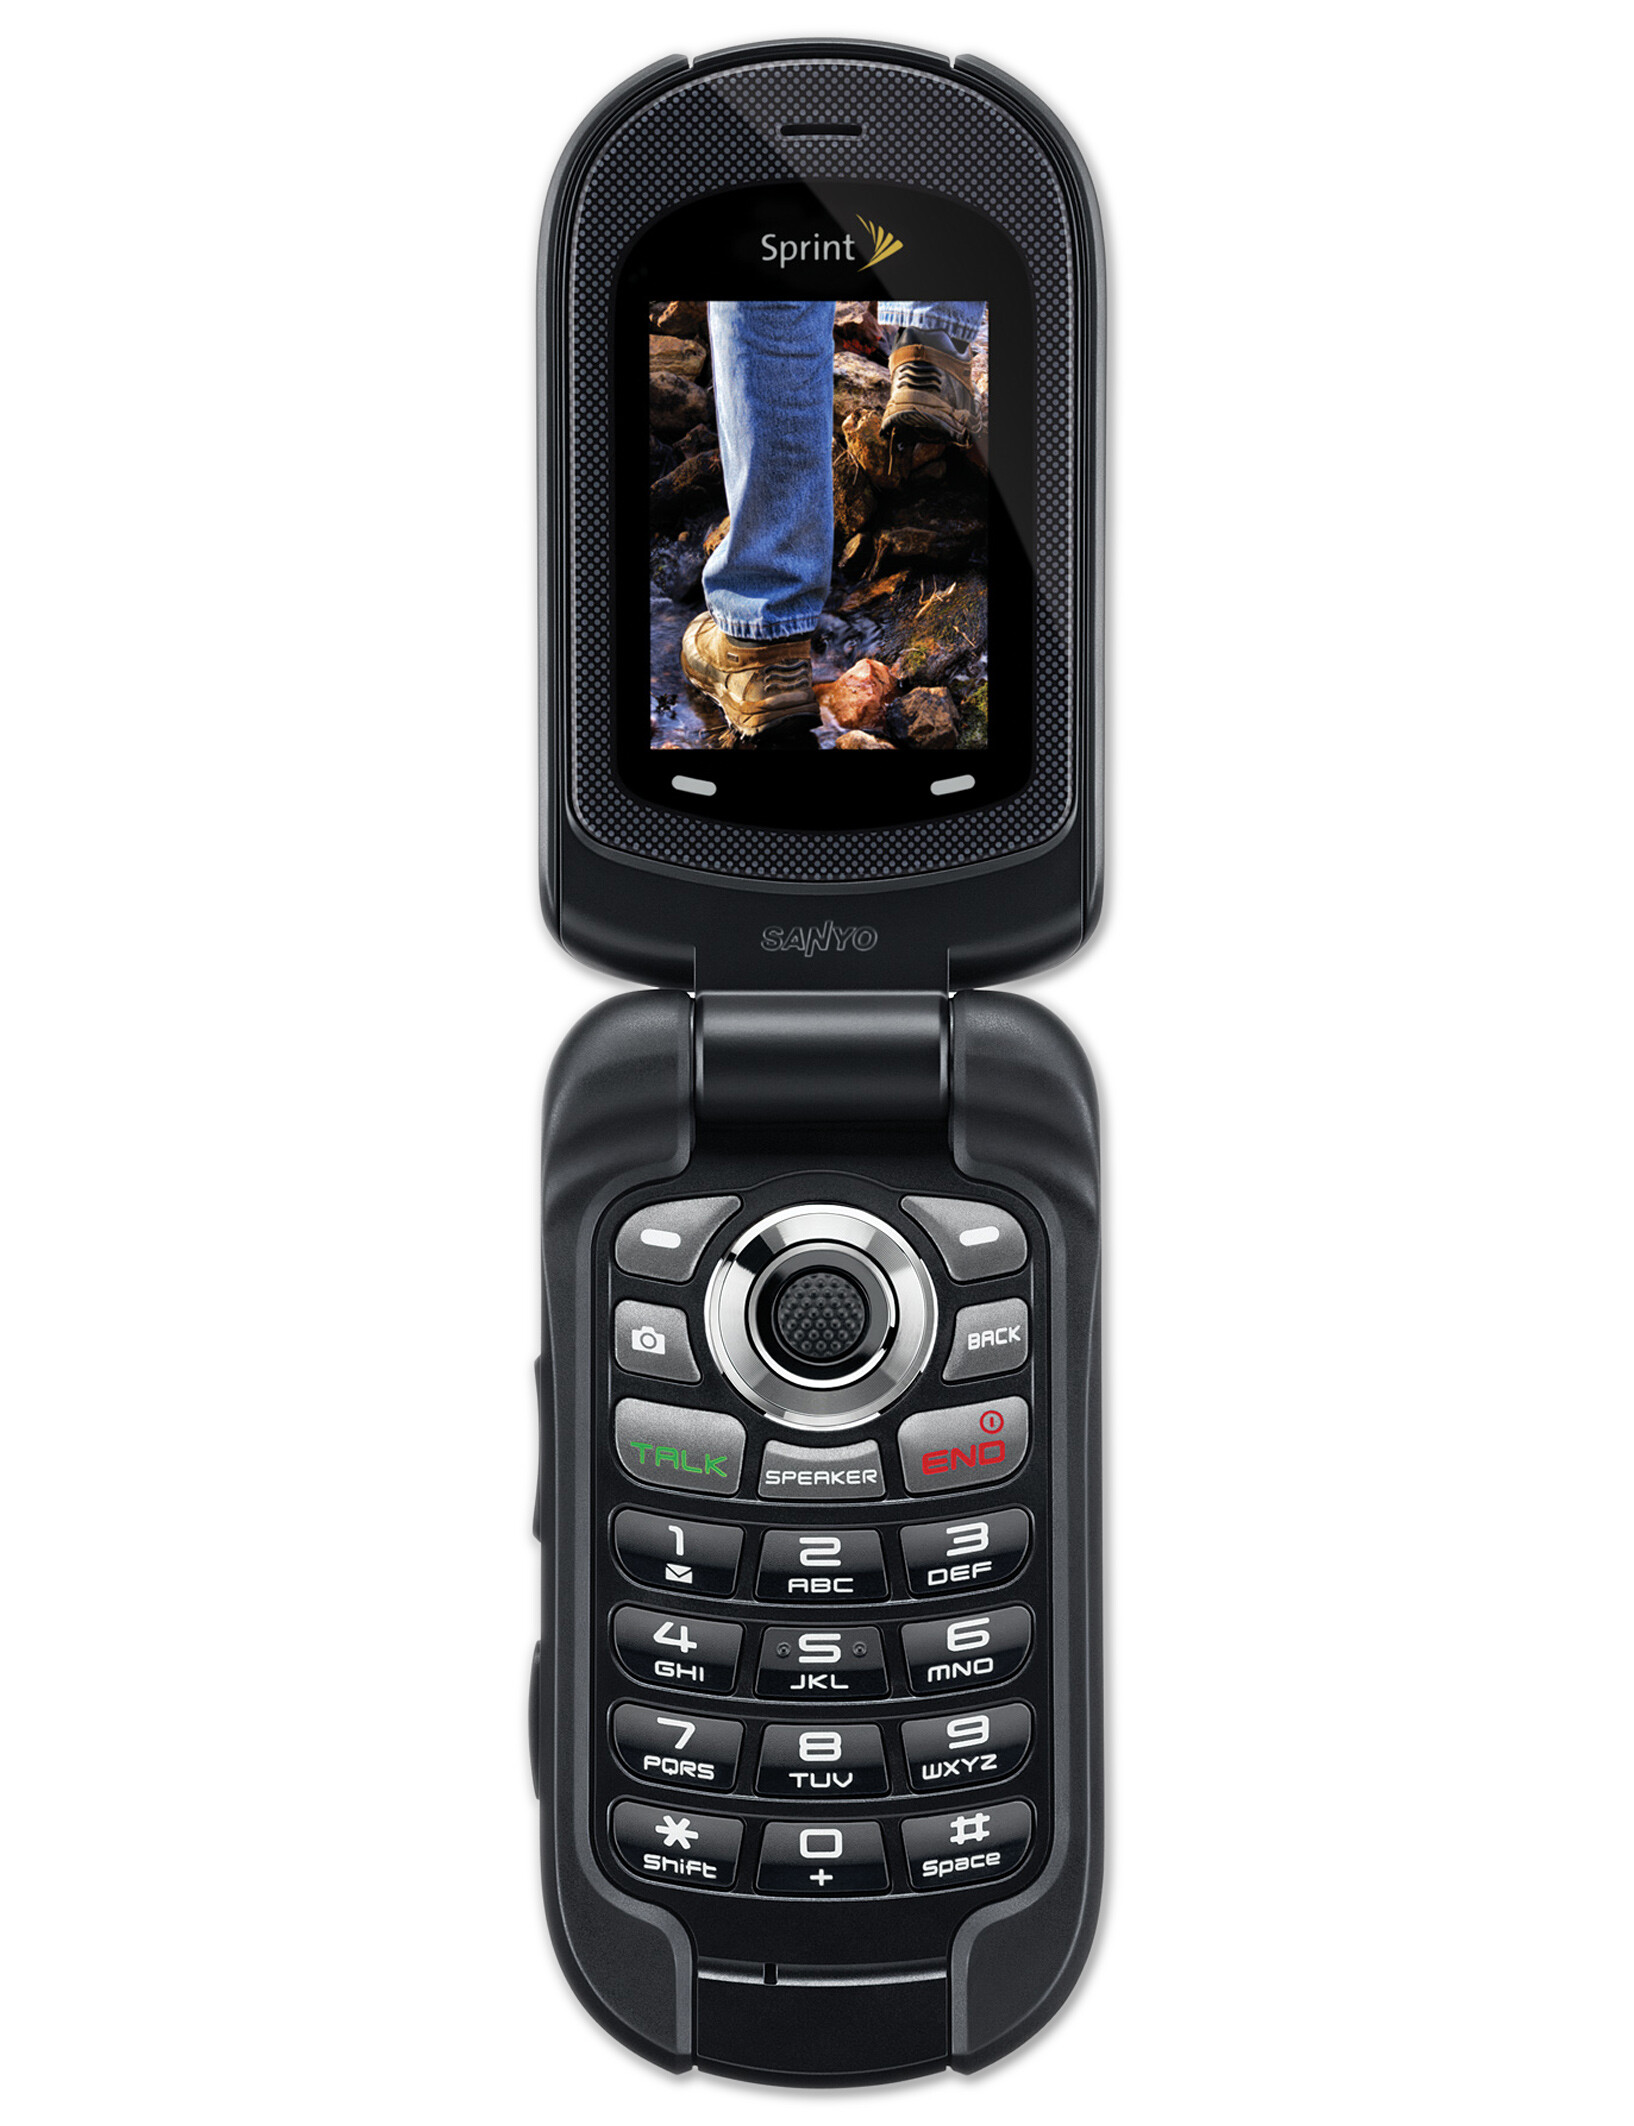 Nokia Flip Phone >> Sanyo Taho specs